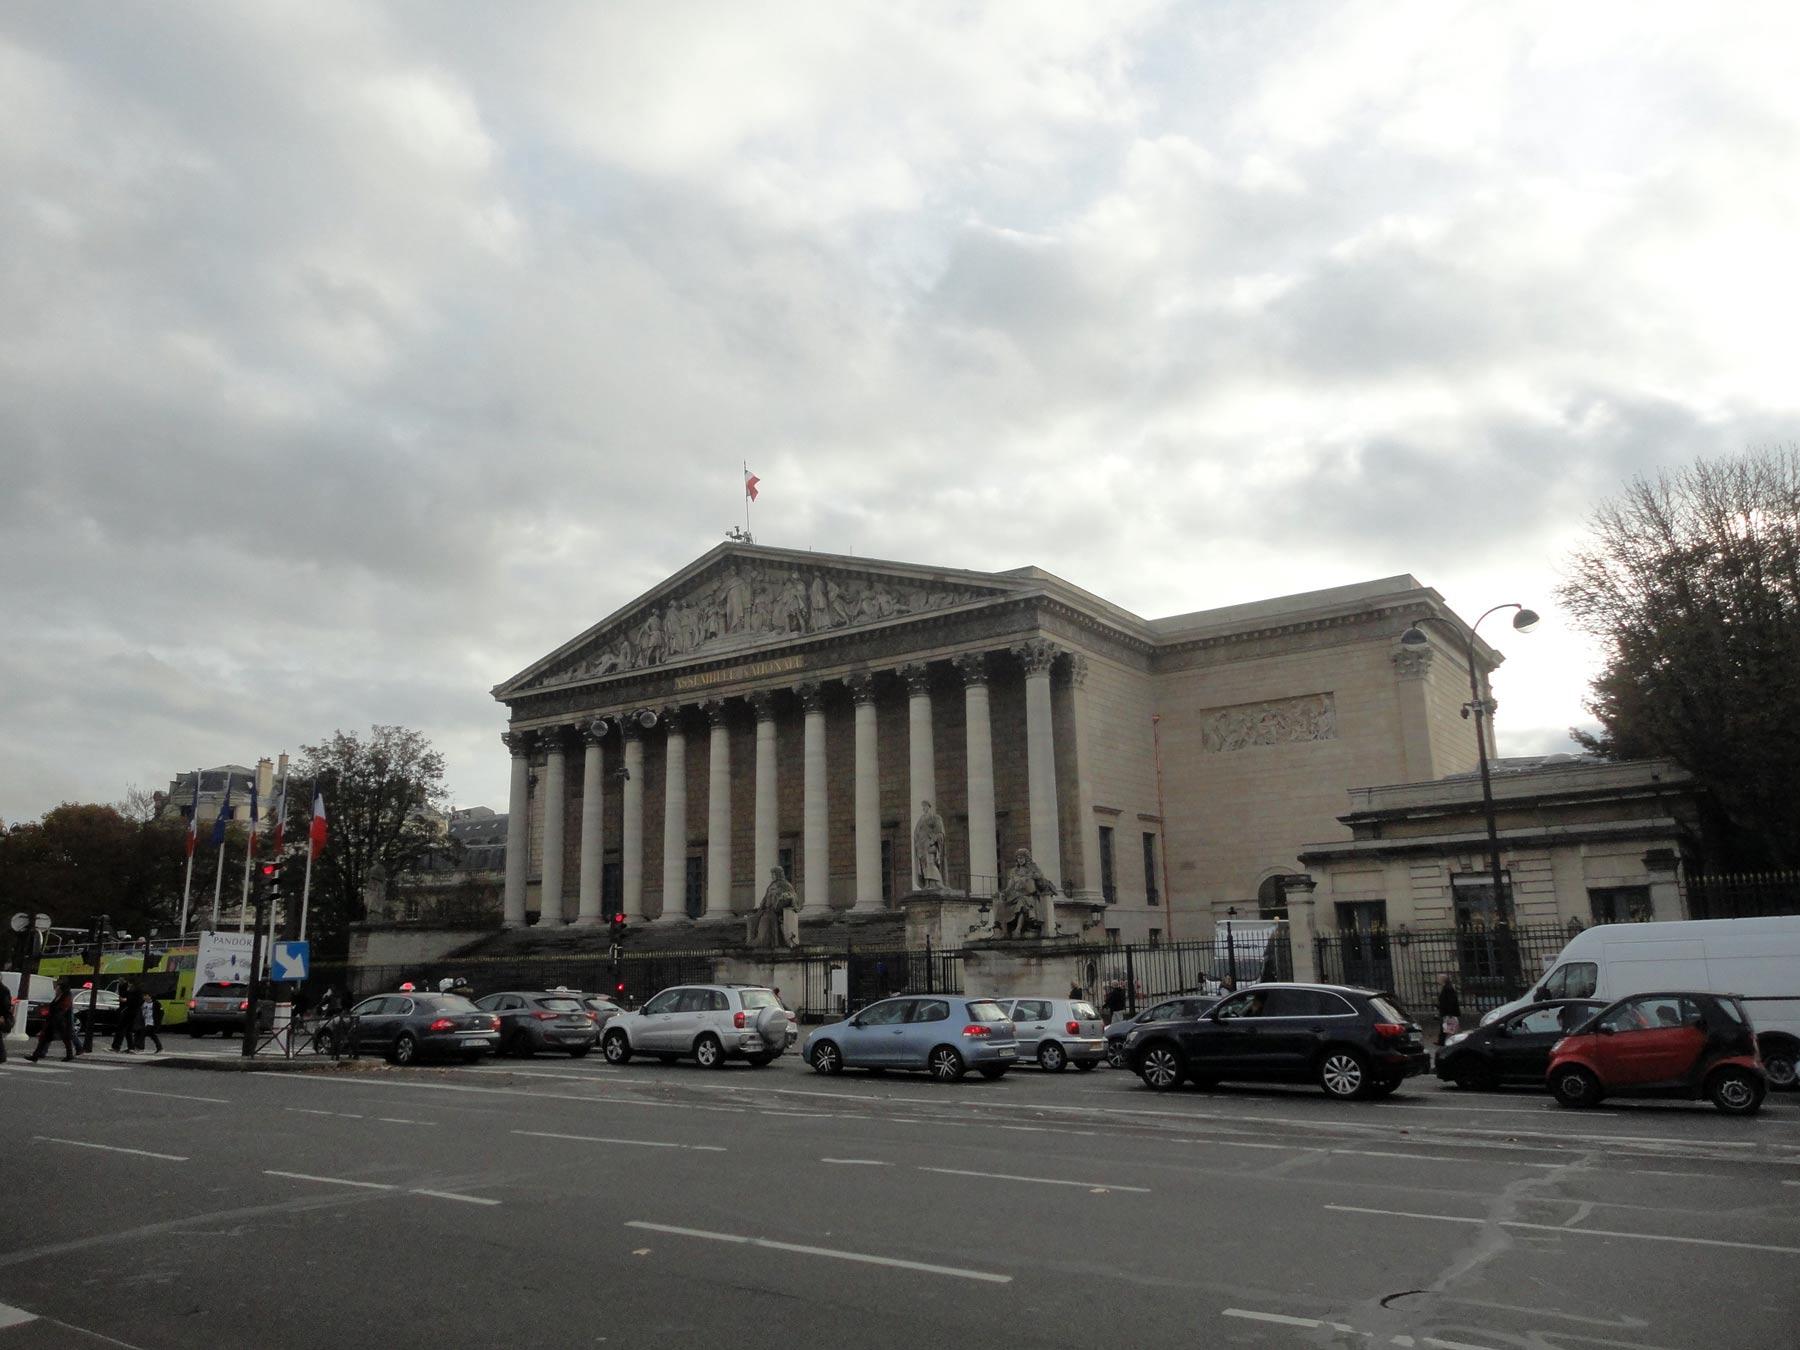 достопримечательности Парижа в центре города